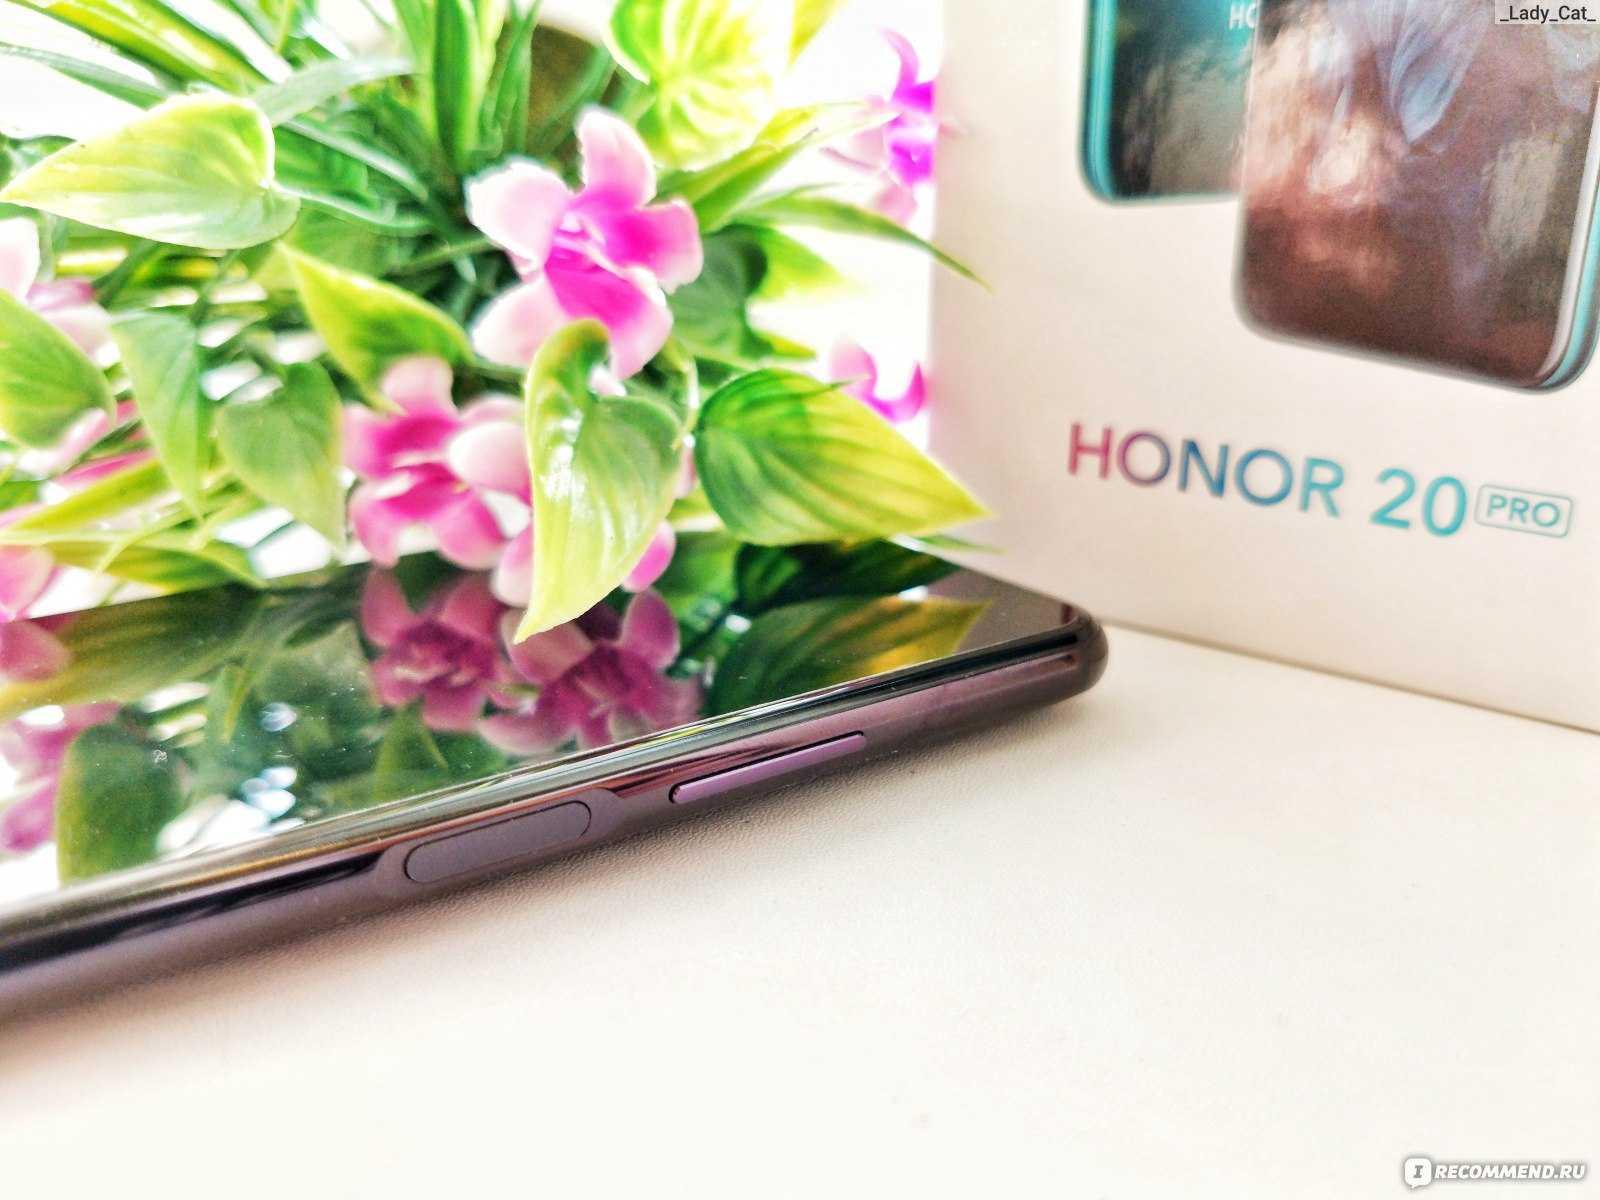 Легендарный бренд xiaomi выпустил сверхдешевый смартфон с рекордной батареей и объявил о своей независимости. видео